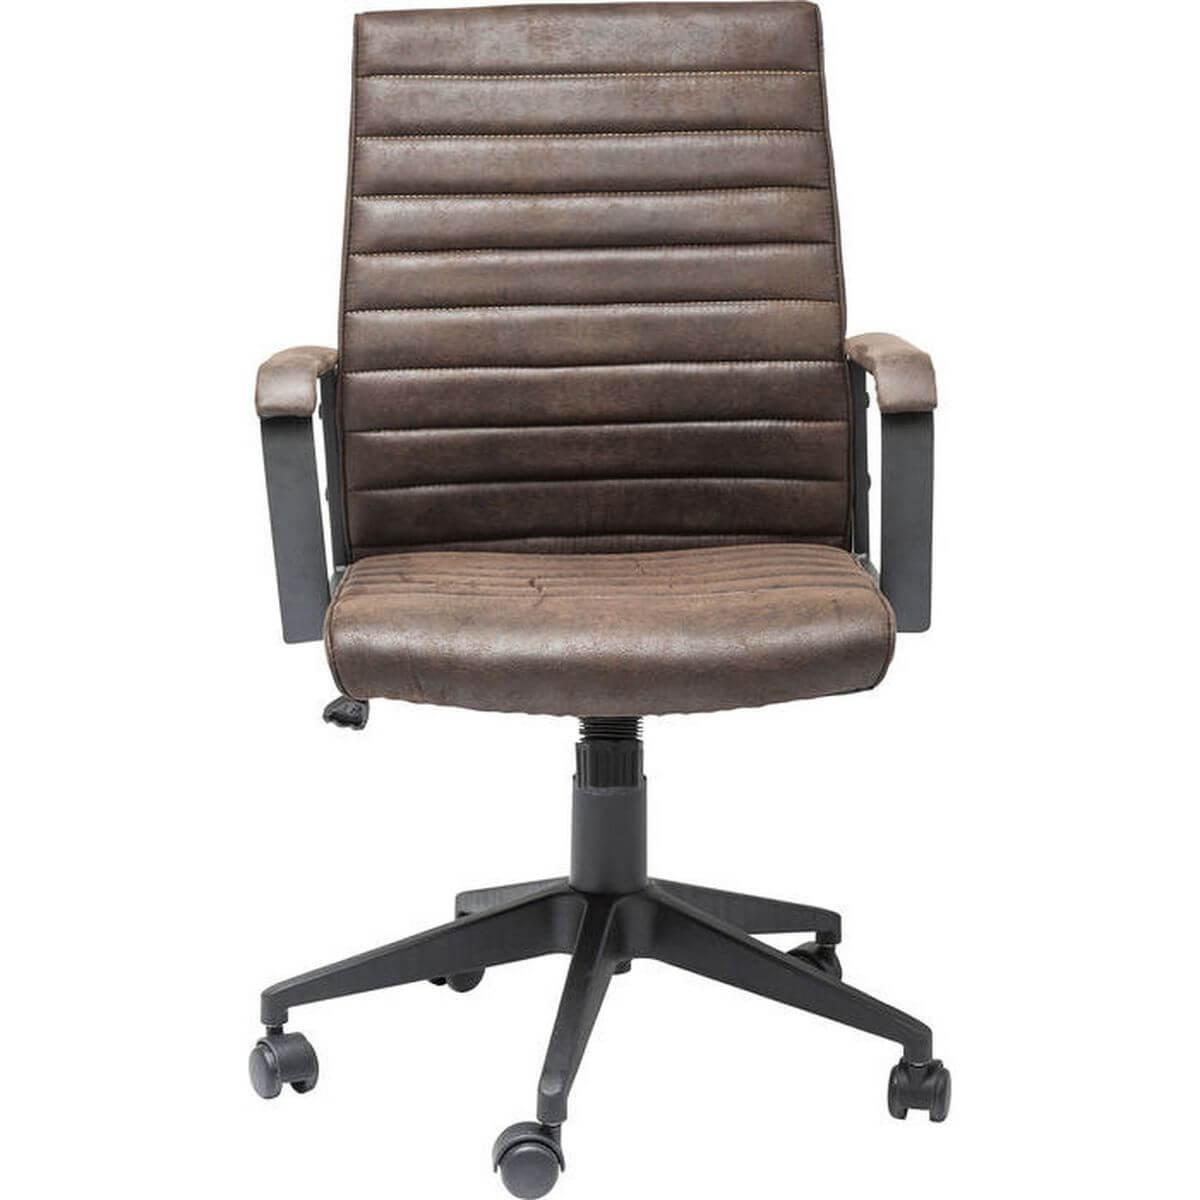 Office Chair Labora